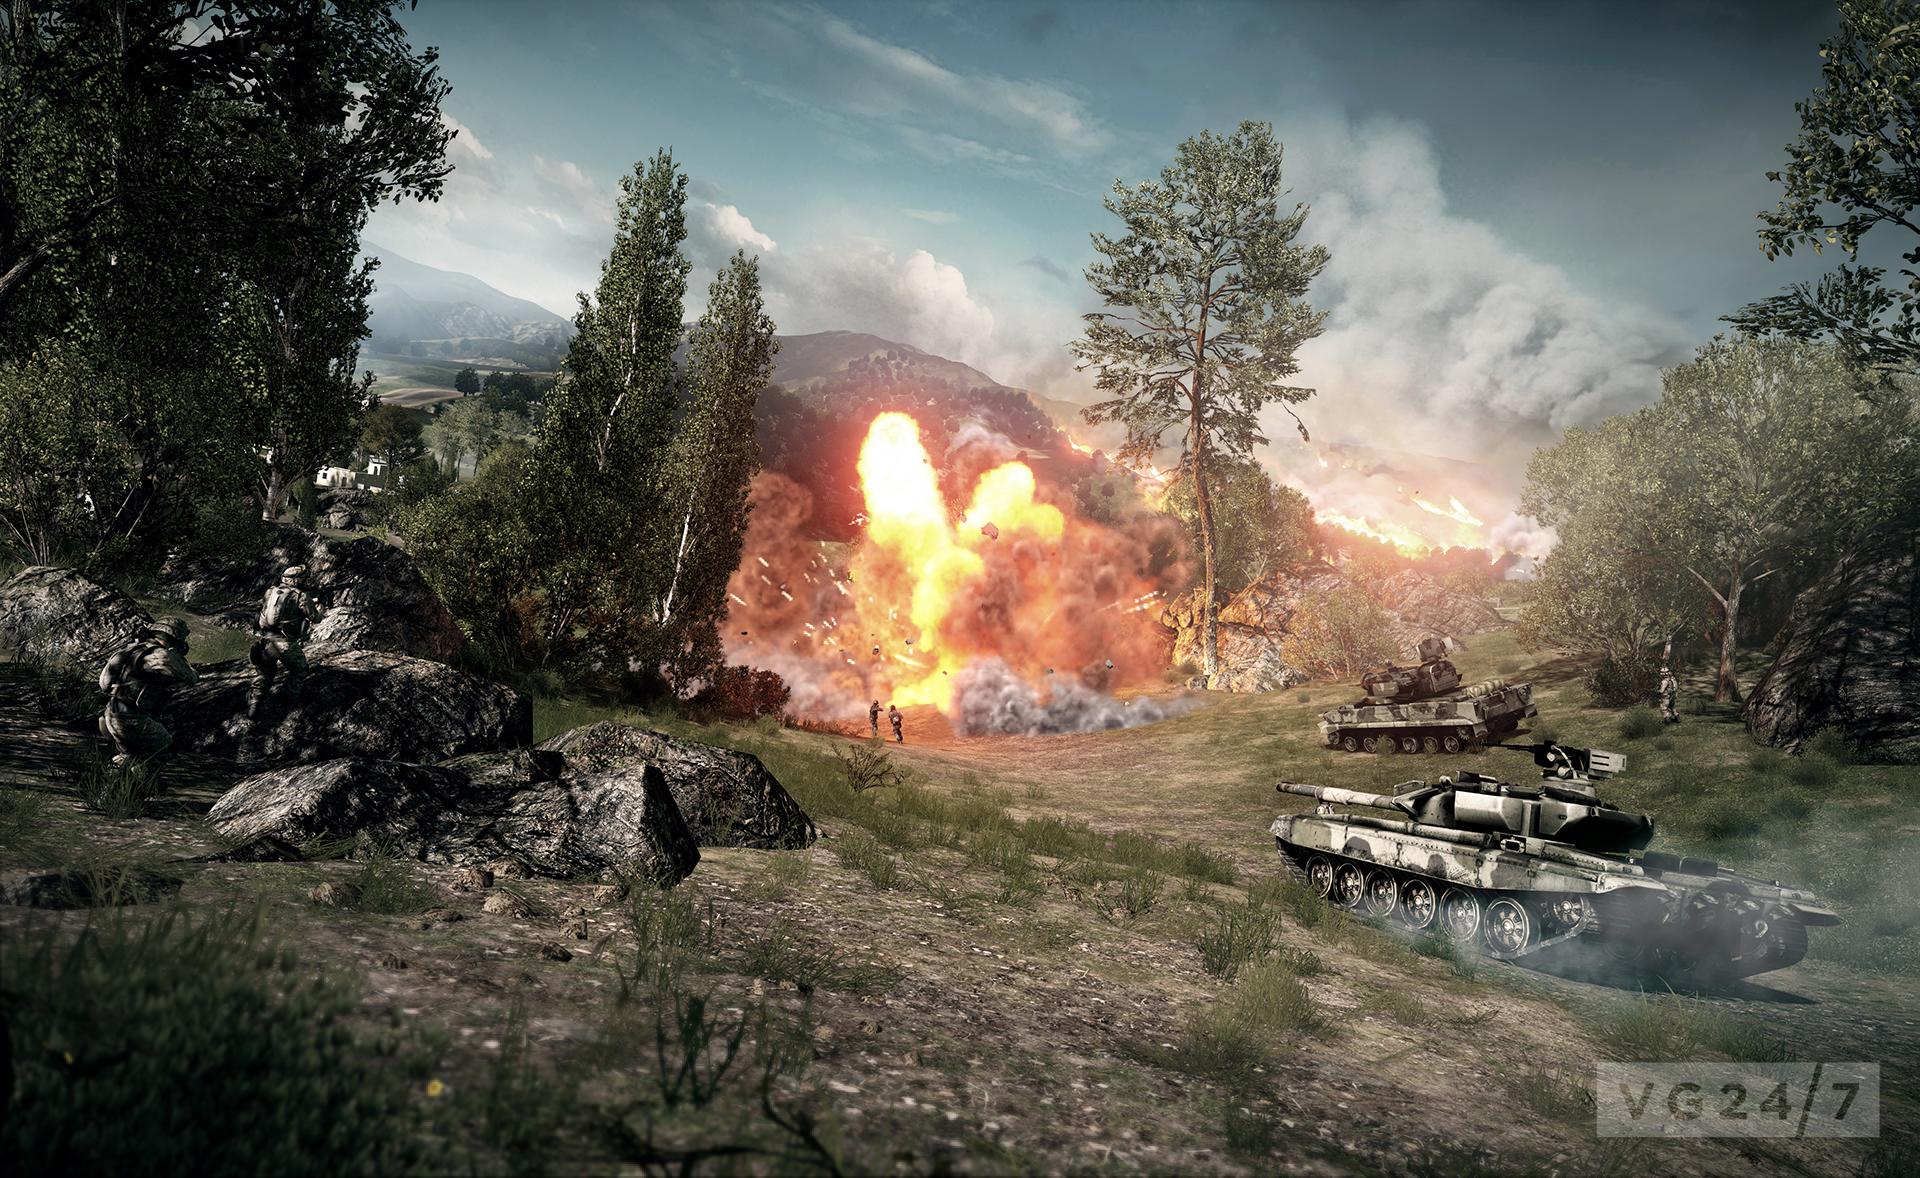 Battlefield 3 Caspian Border Shots Show A Gorgeous Game